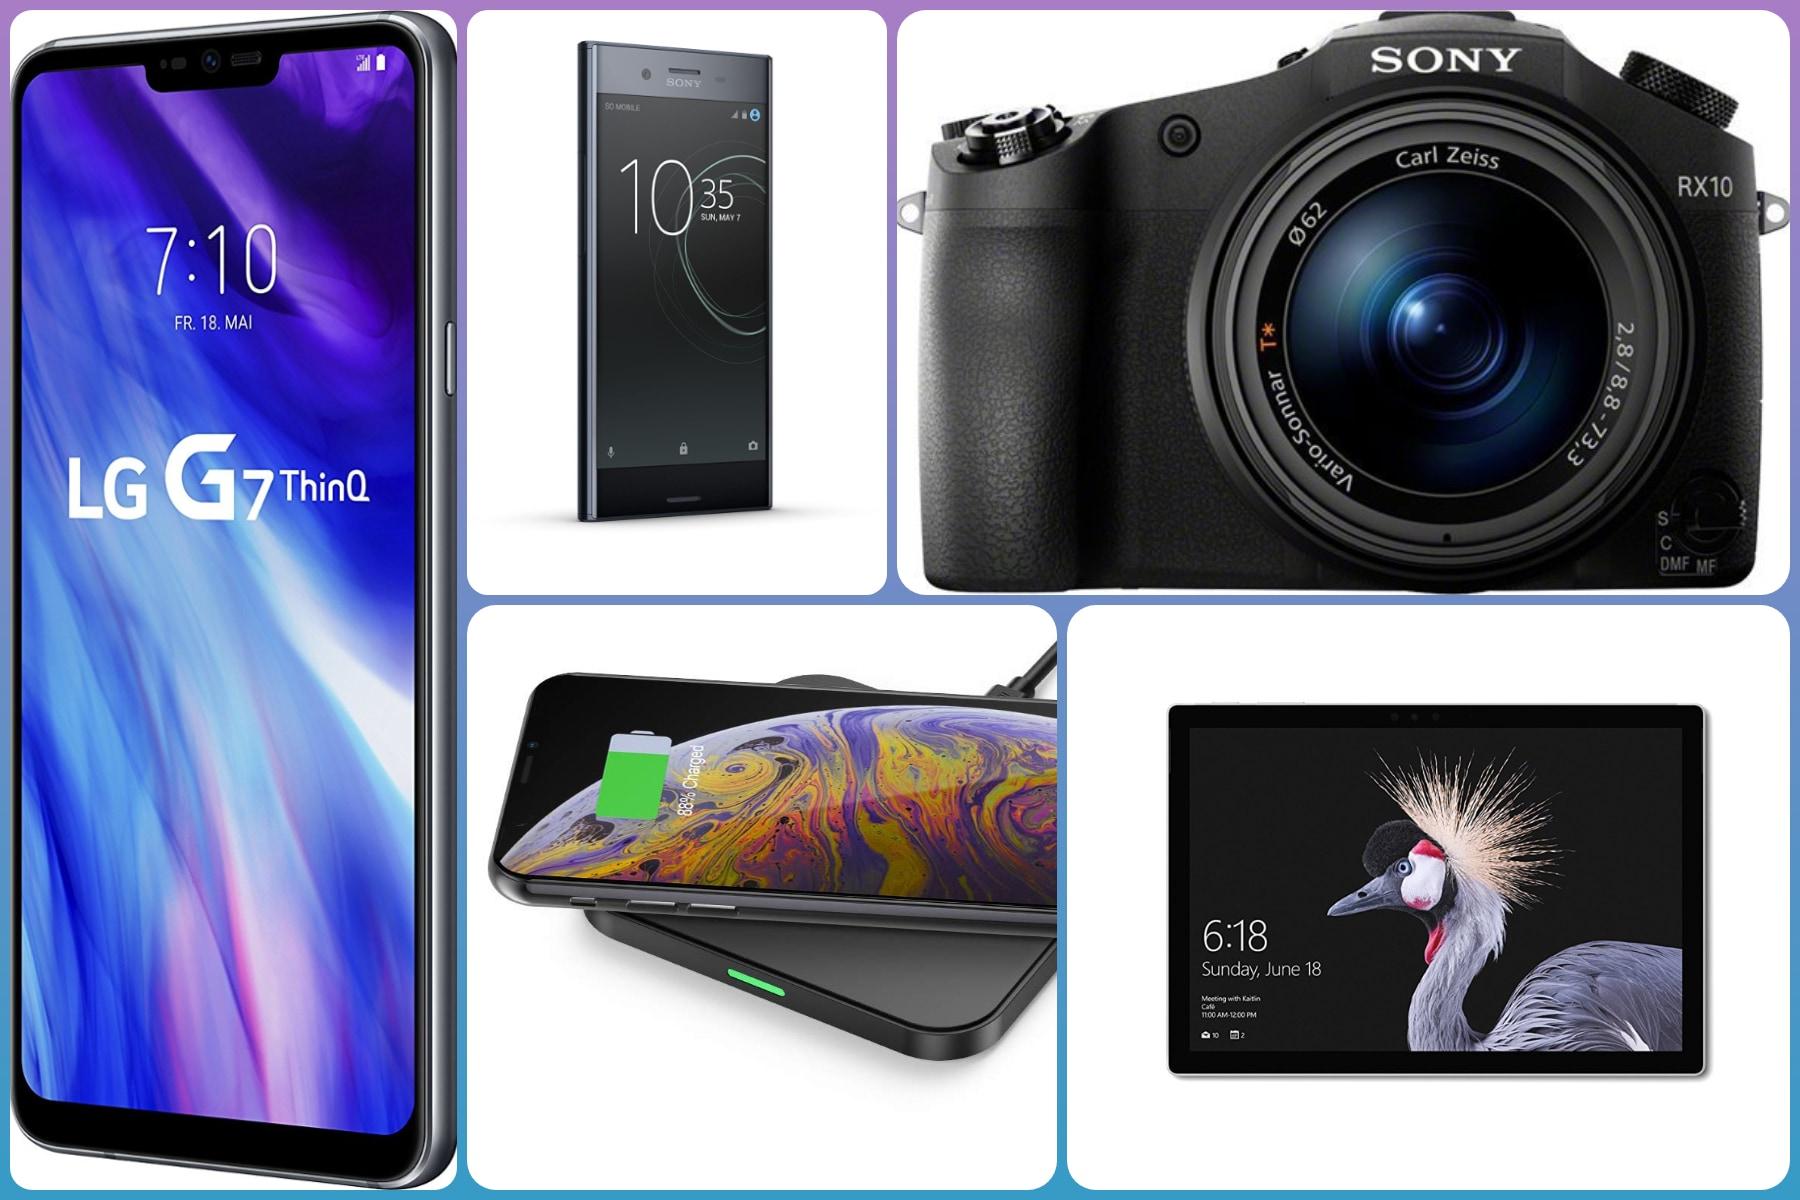 Tanti ribassi su Amazon: Huawei P20 Lite, Galaxy S9, MI A2 Lite, microSD da 256 GB e tanto altro - image migliori-offerte-amazon-18-ottobre-2018 on https://www.zxbyte.com